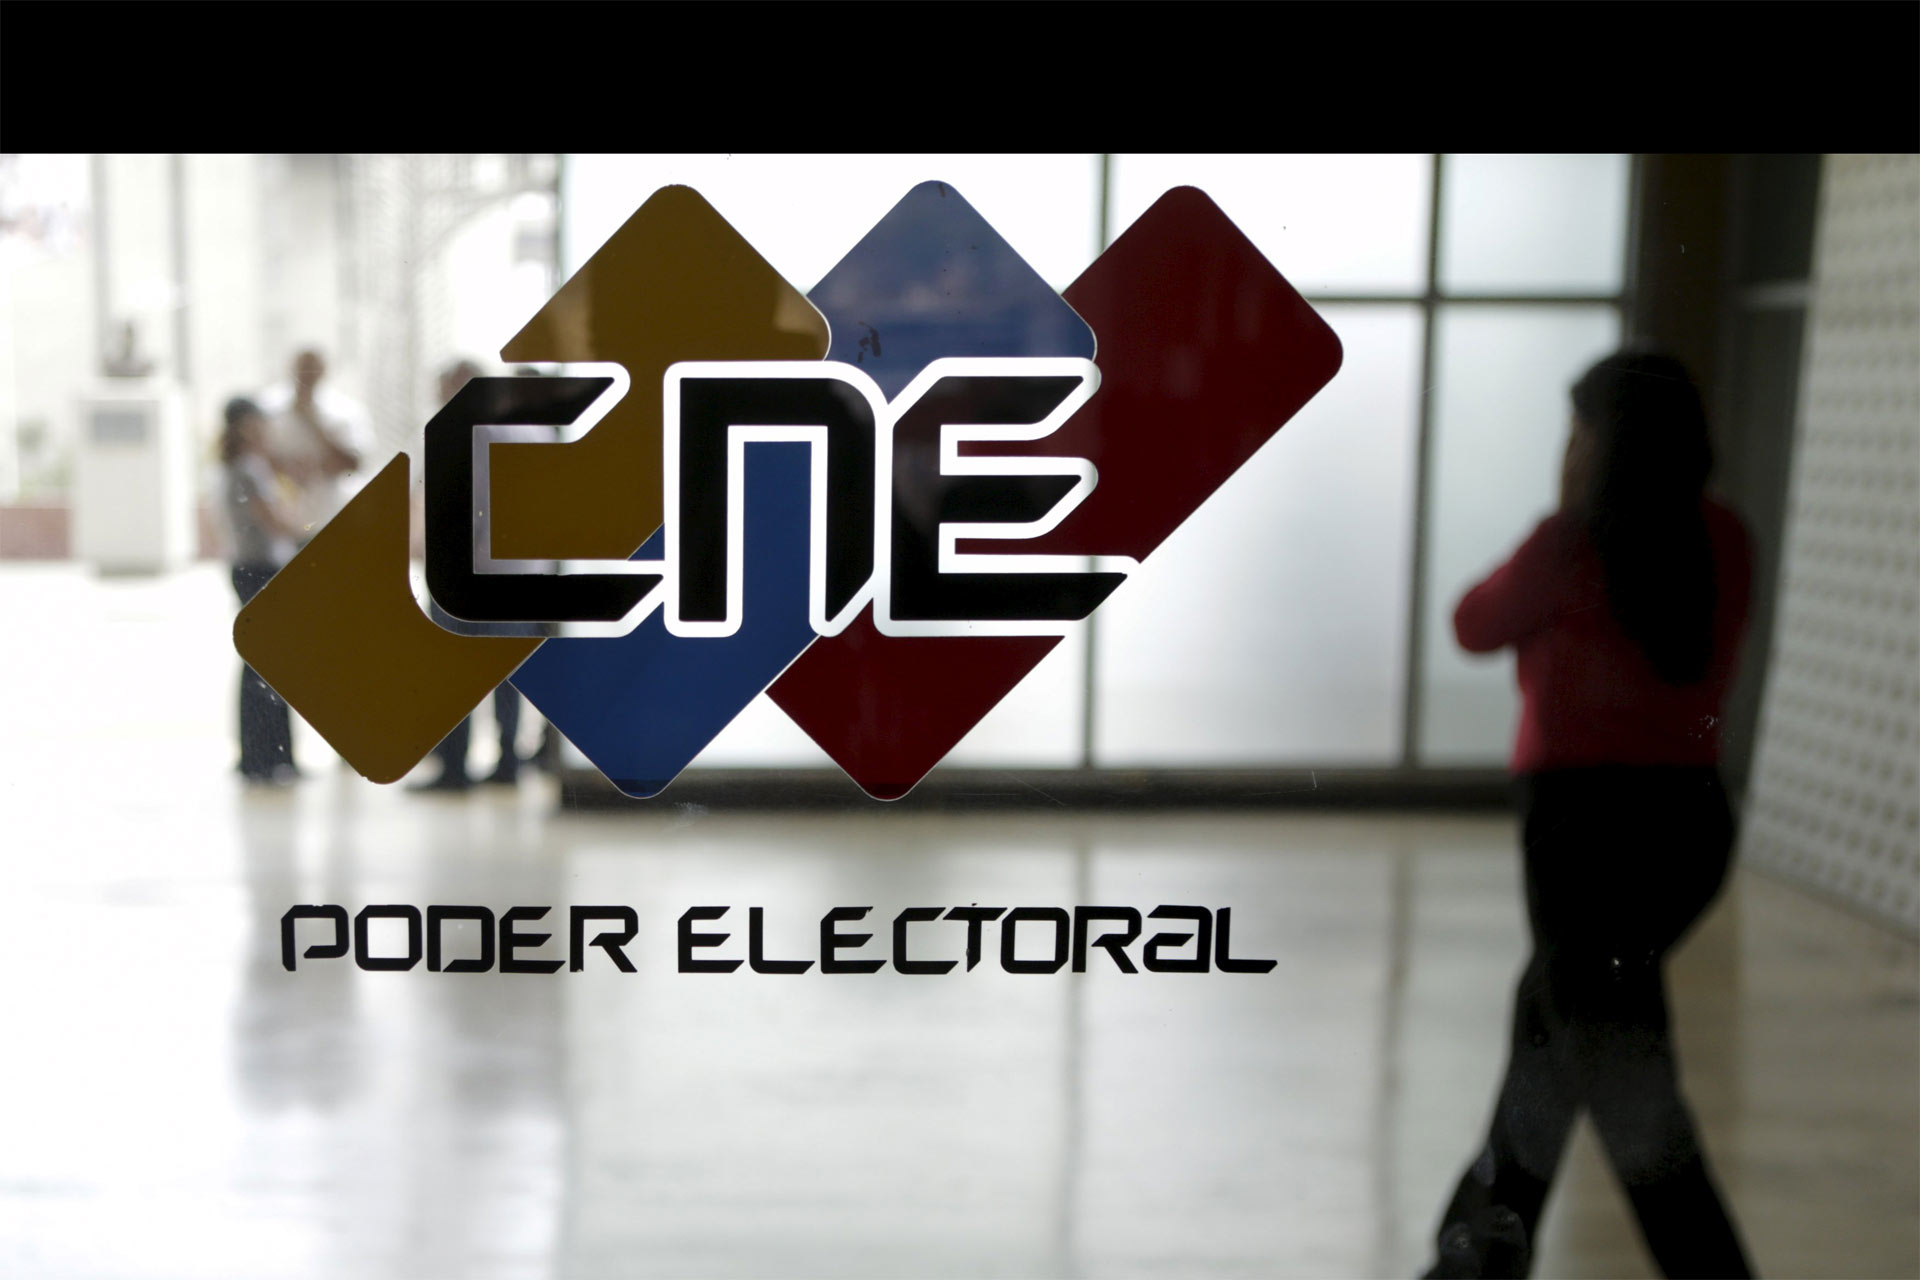 La oposición venezolana dio a conocer la información. Ahora deberá recolectar casi 200 mil firmas